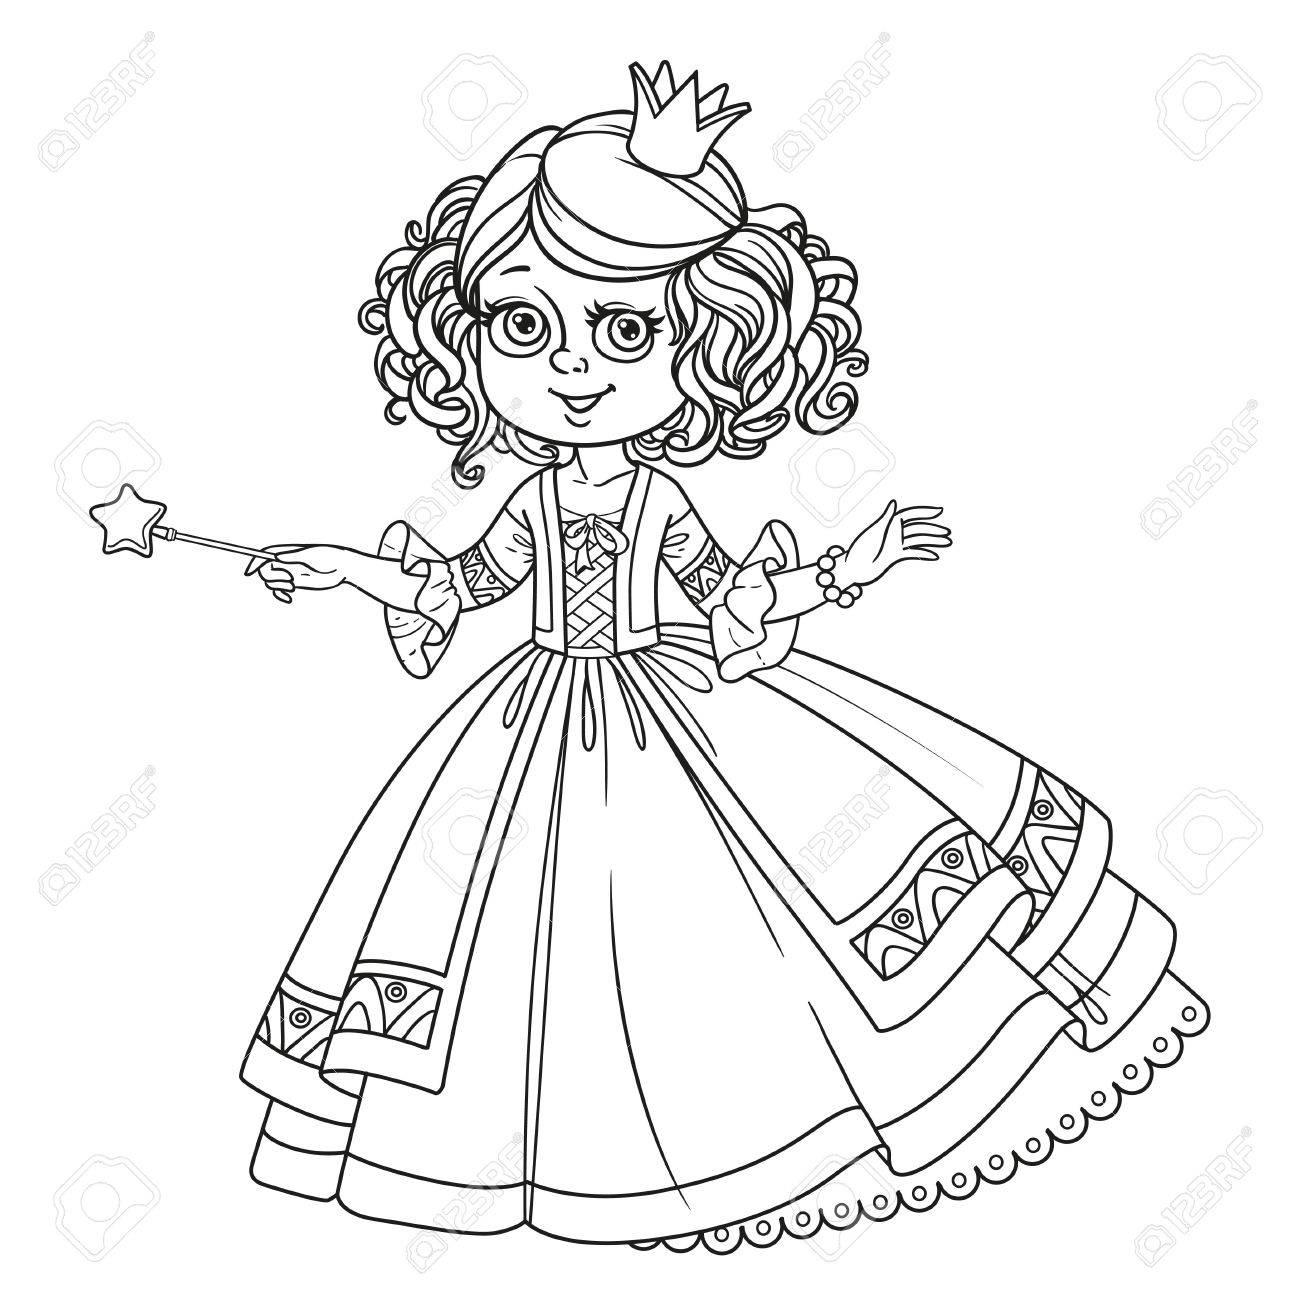 Hermosa Pequeña Princesa Con La Varita Mágica Delineada Para El ...